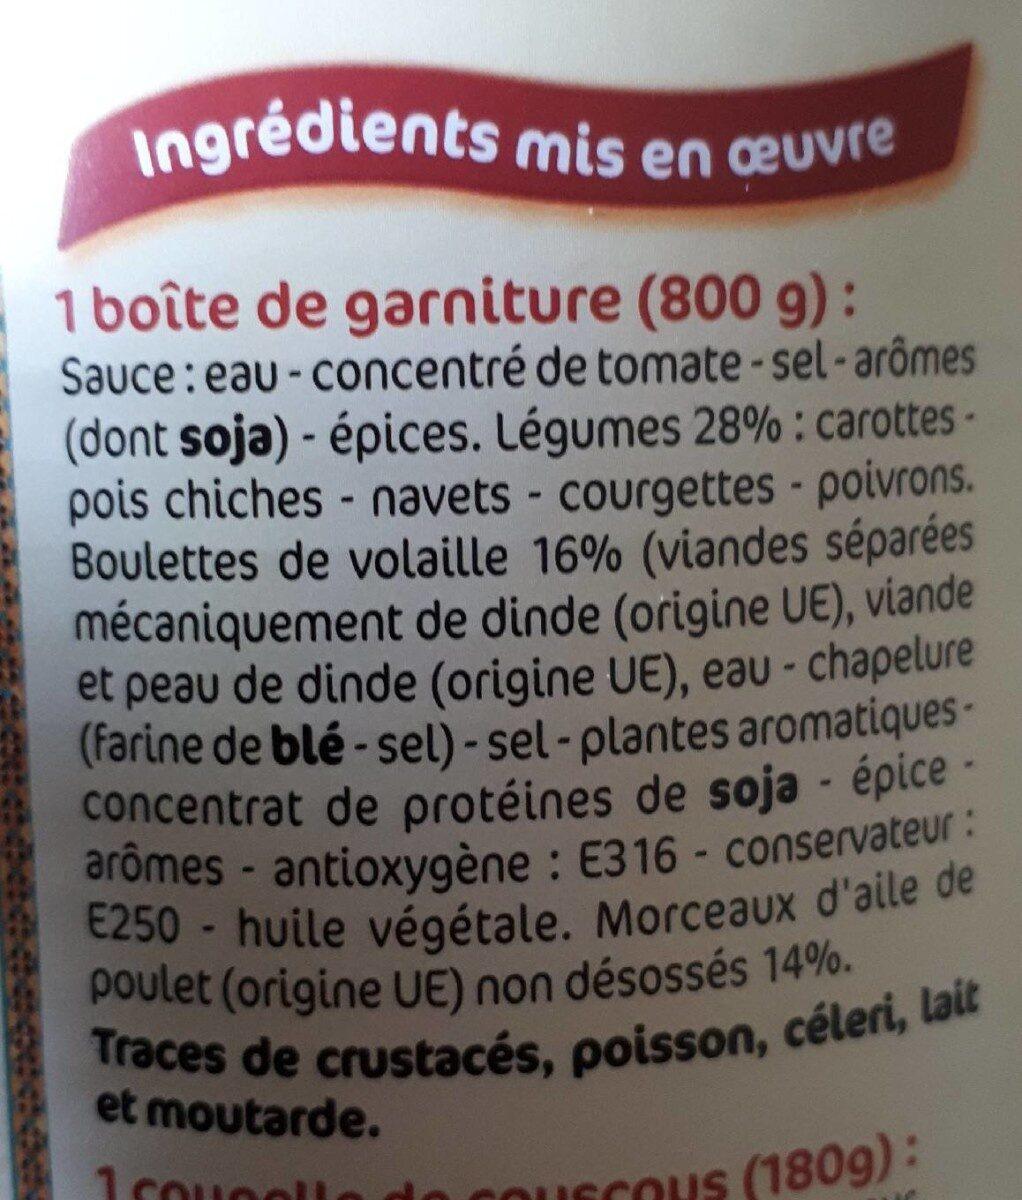 Couscous à la volaille & aux légumes (2-3 personnes) - Ingrediënten - fr